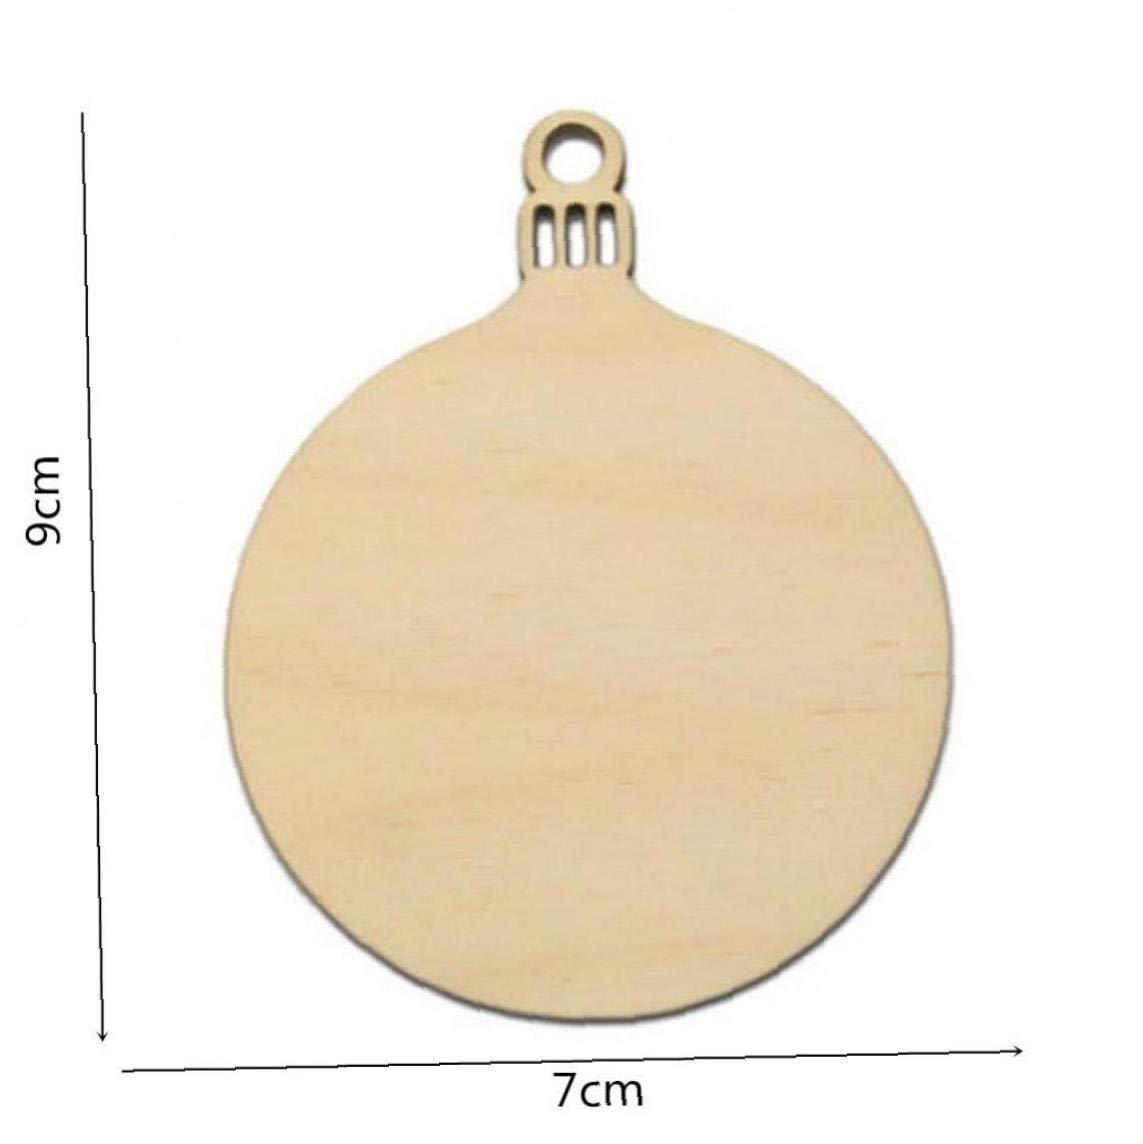 AMOYER Naturale Cippato di Legno Tag Palle di Natale Decor Art Mestieri Ornamenti Fai da Te Scrapbooking